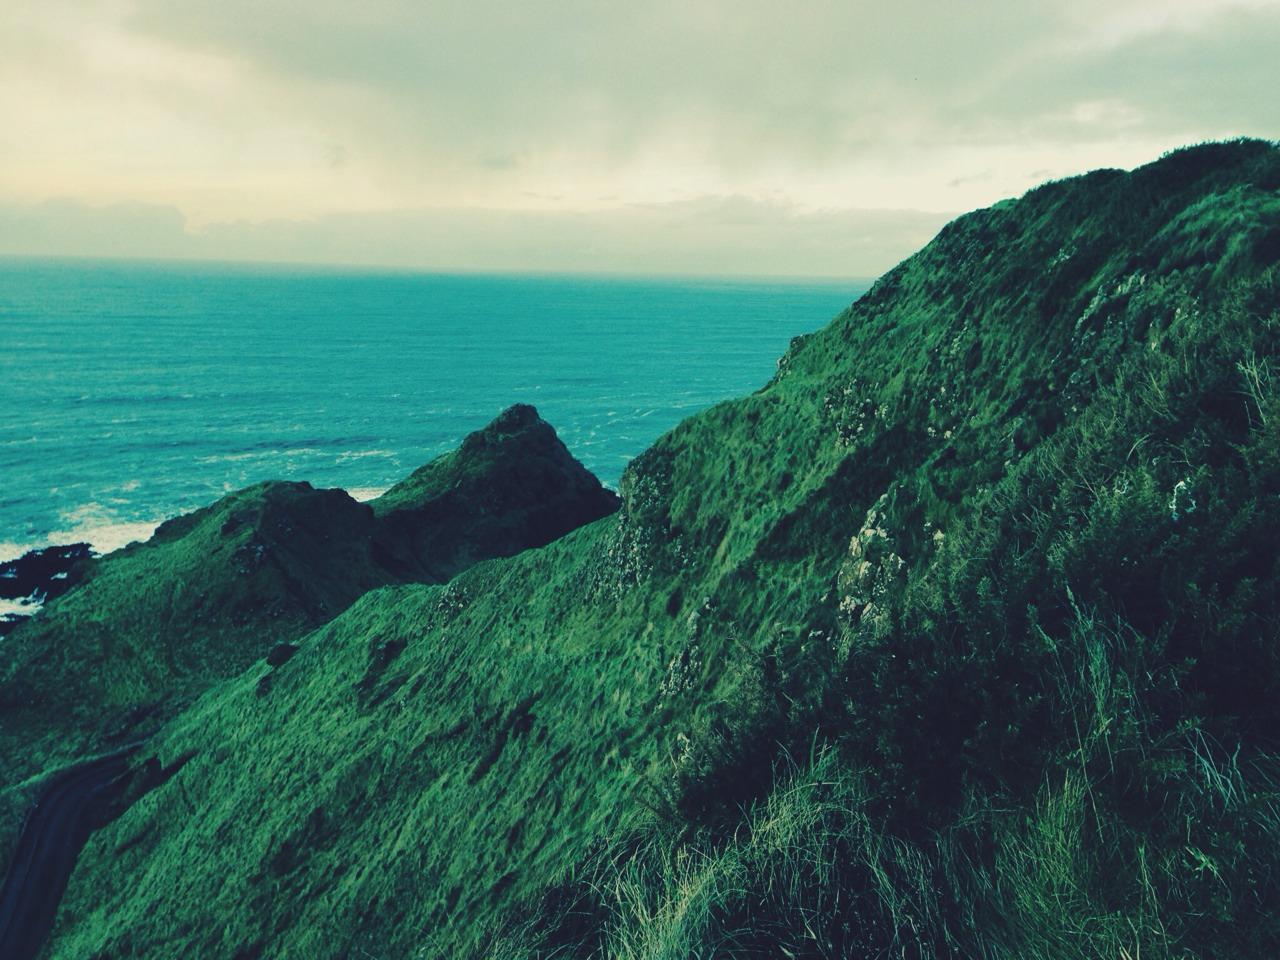 Peisaje... - Page 11 Tumblr_static_tumblr_mzb4l6gbzx1qzb7gjo2_1280